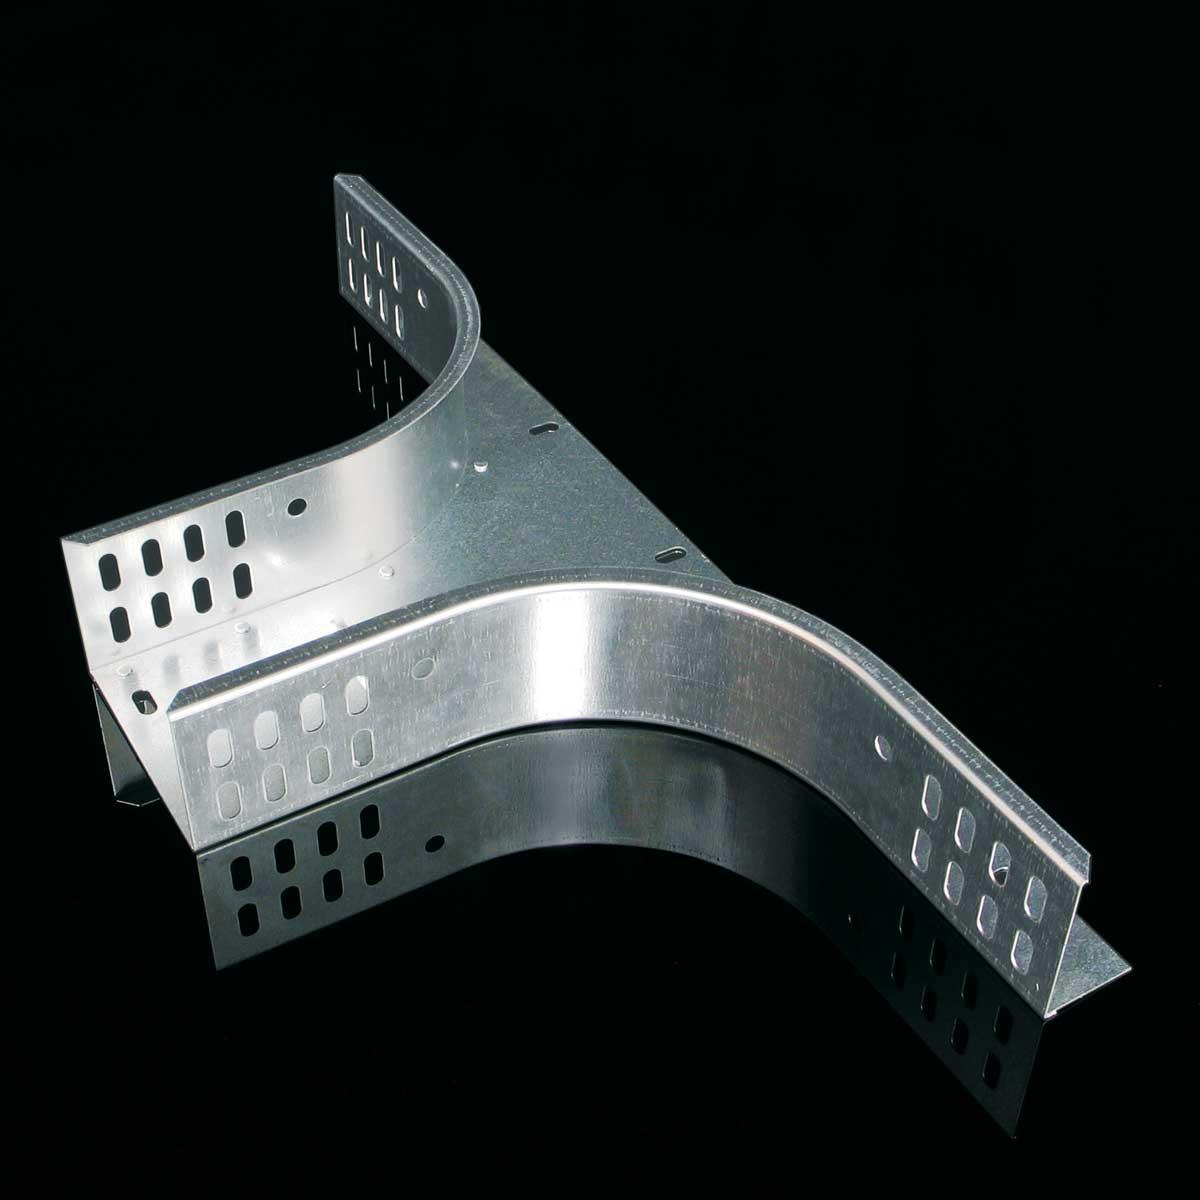 Відгалуження горизонтальне для лотка JUPITER; розміри-35x600x1000mm Товщ. метал-1,2 Вага-1,91кг/м